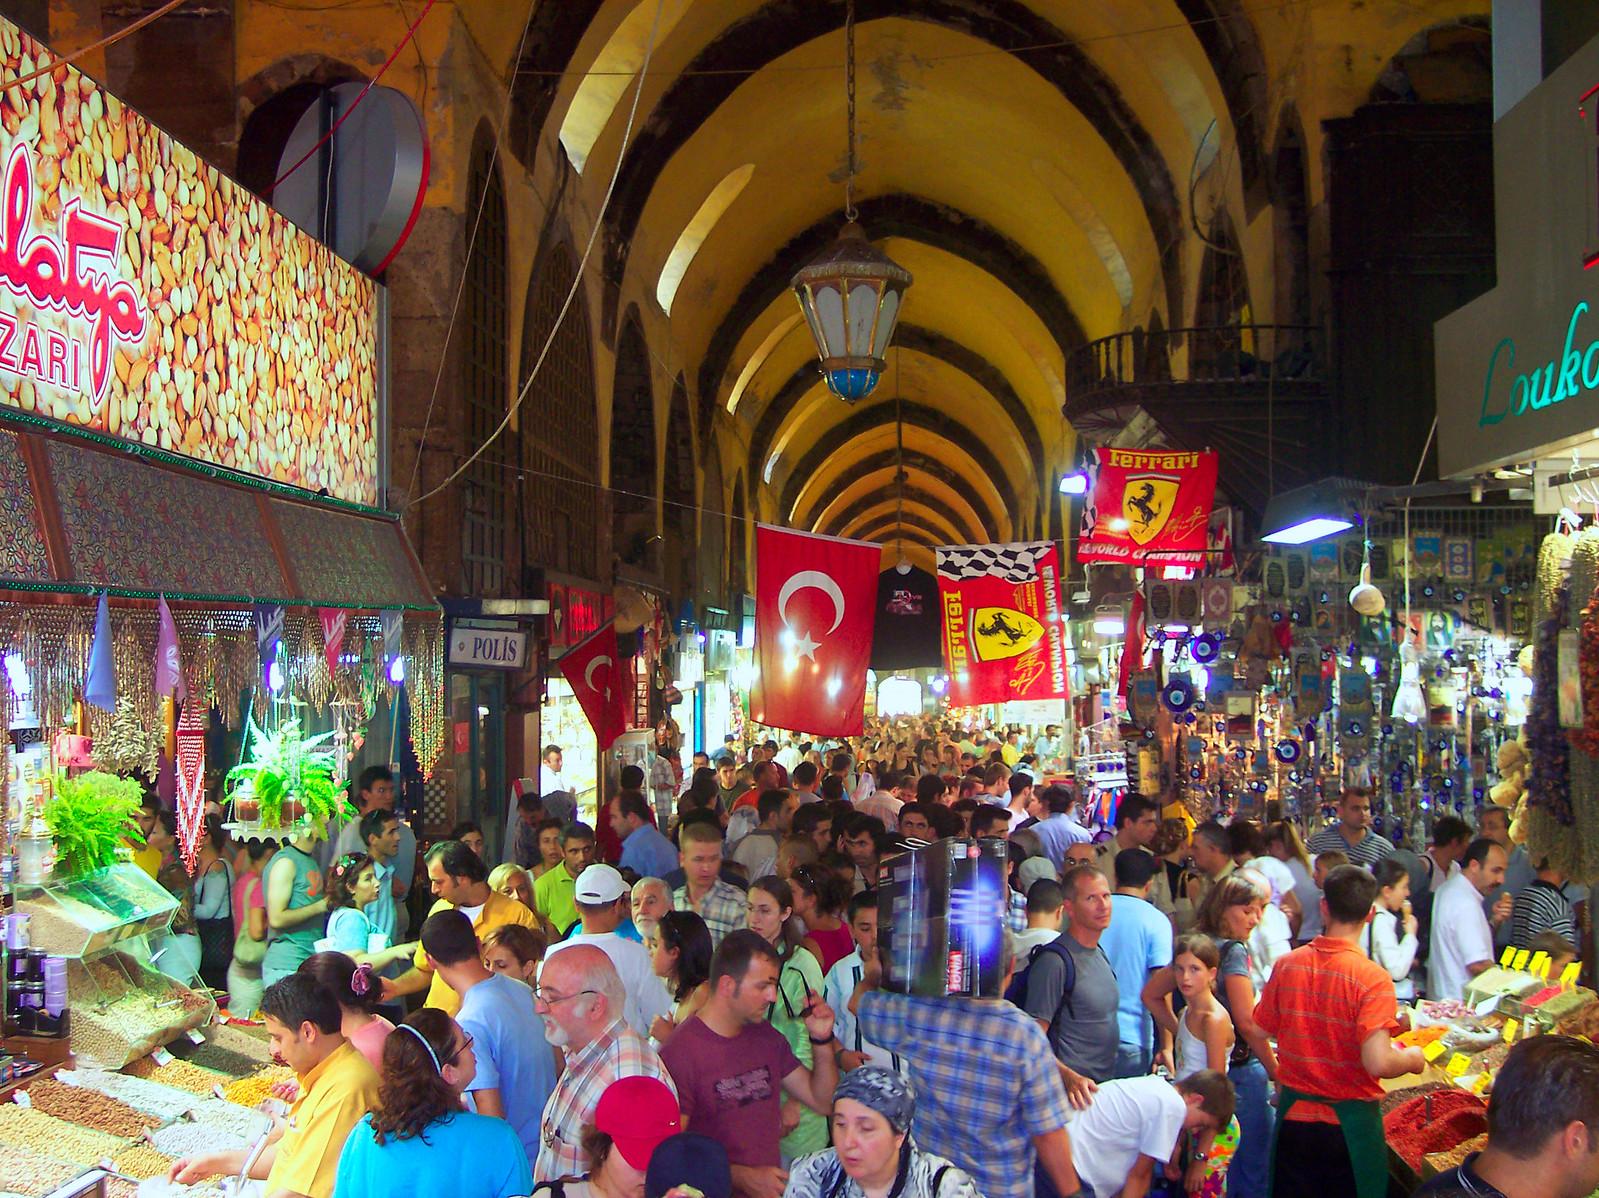 ¿ es seguro viajar a Turquía ? es seguro viajar a turquía - 45909803102 930f0508b0 h - ¿ Es seguro viajar a Turquía ?